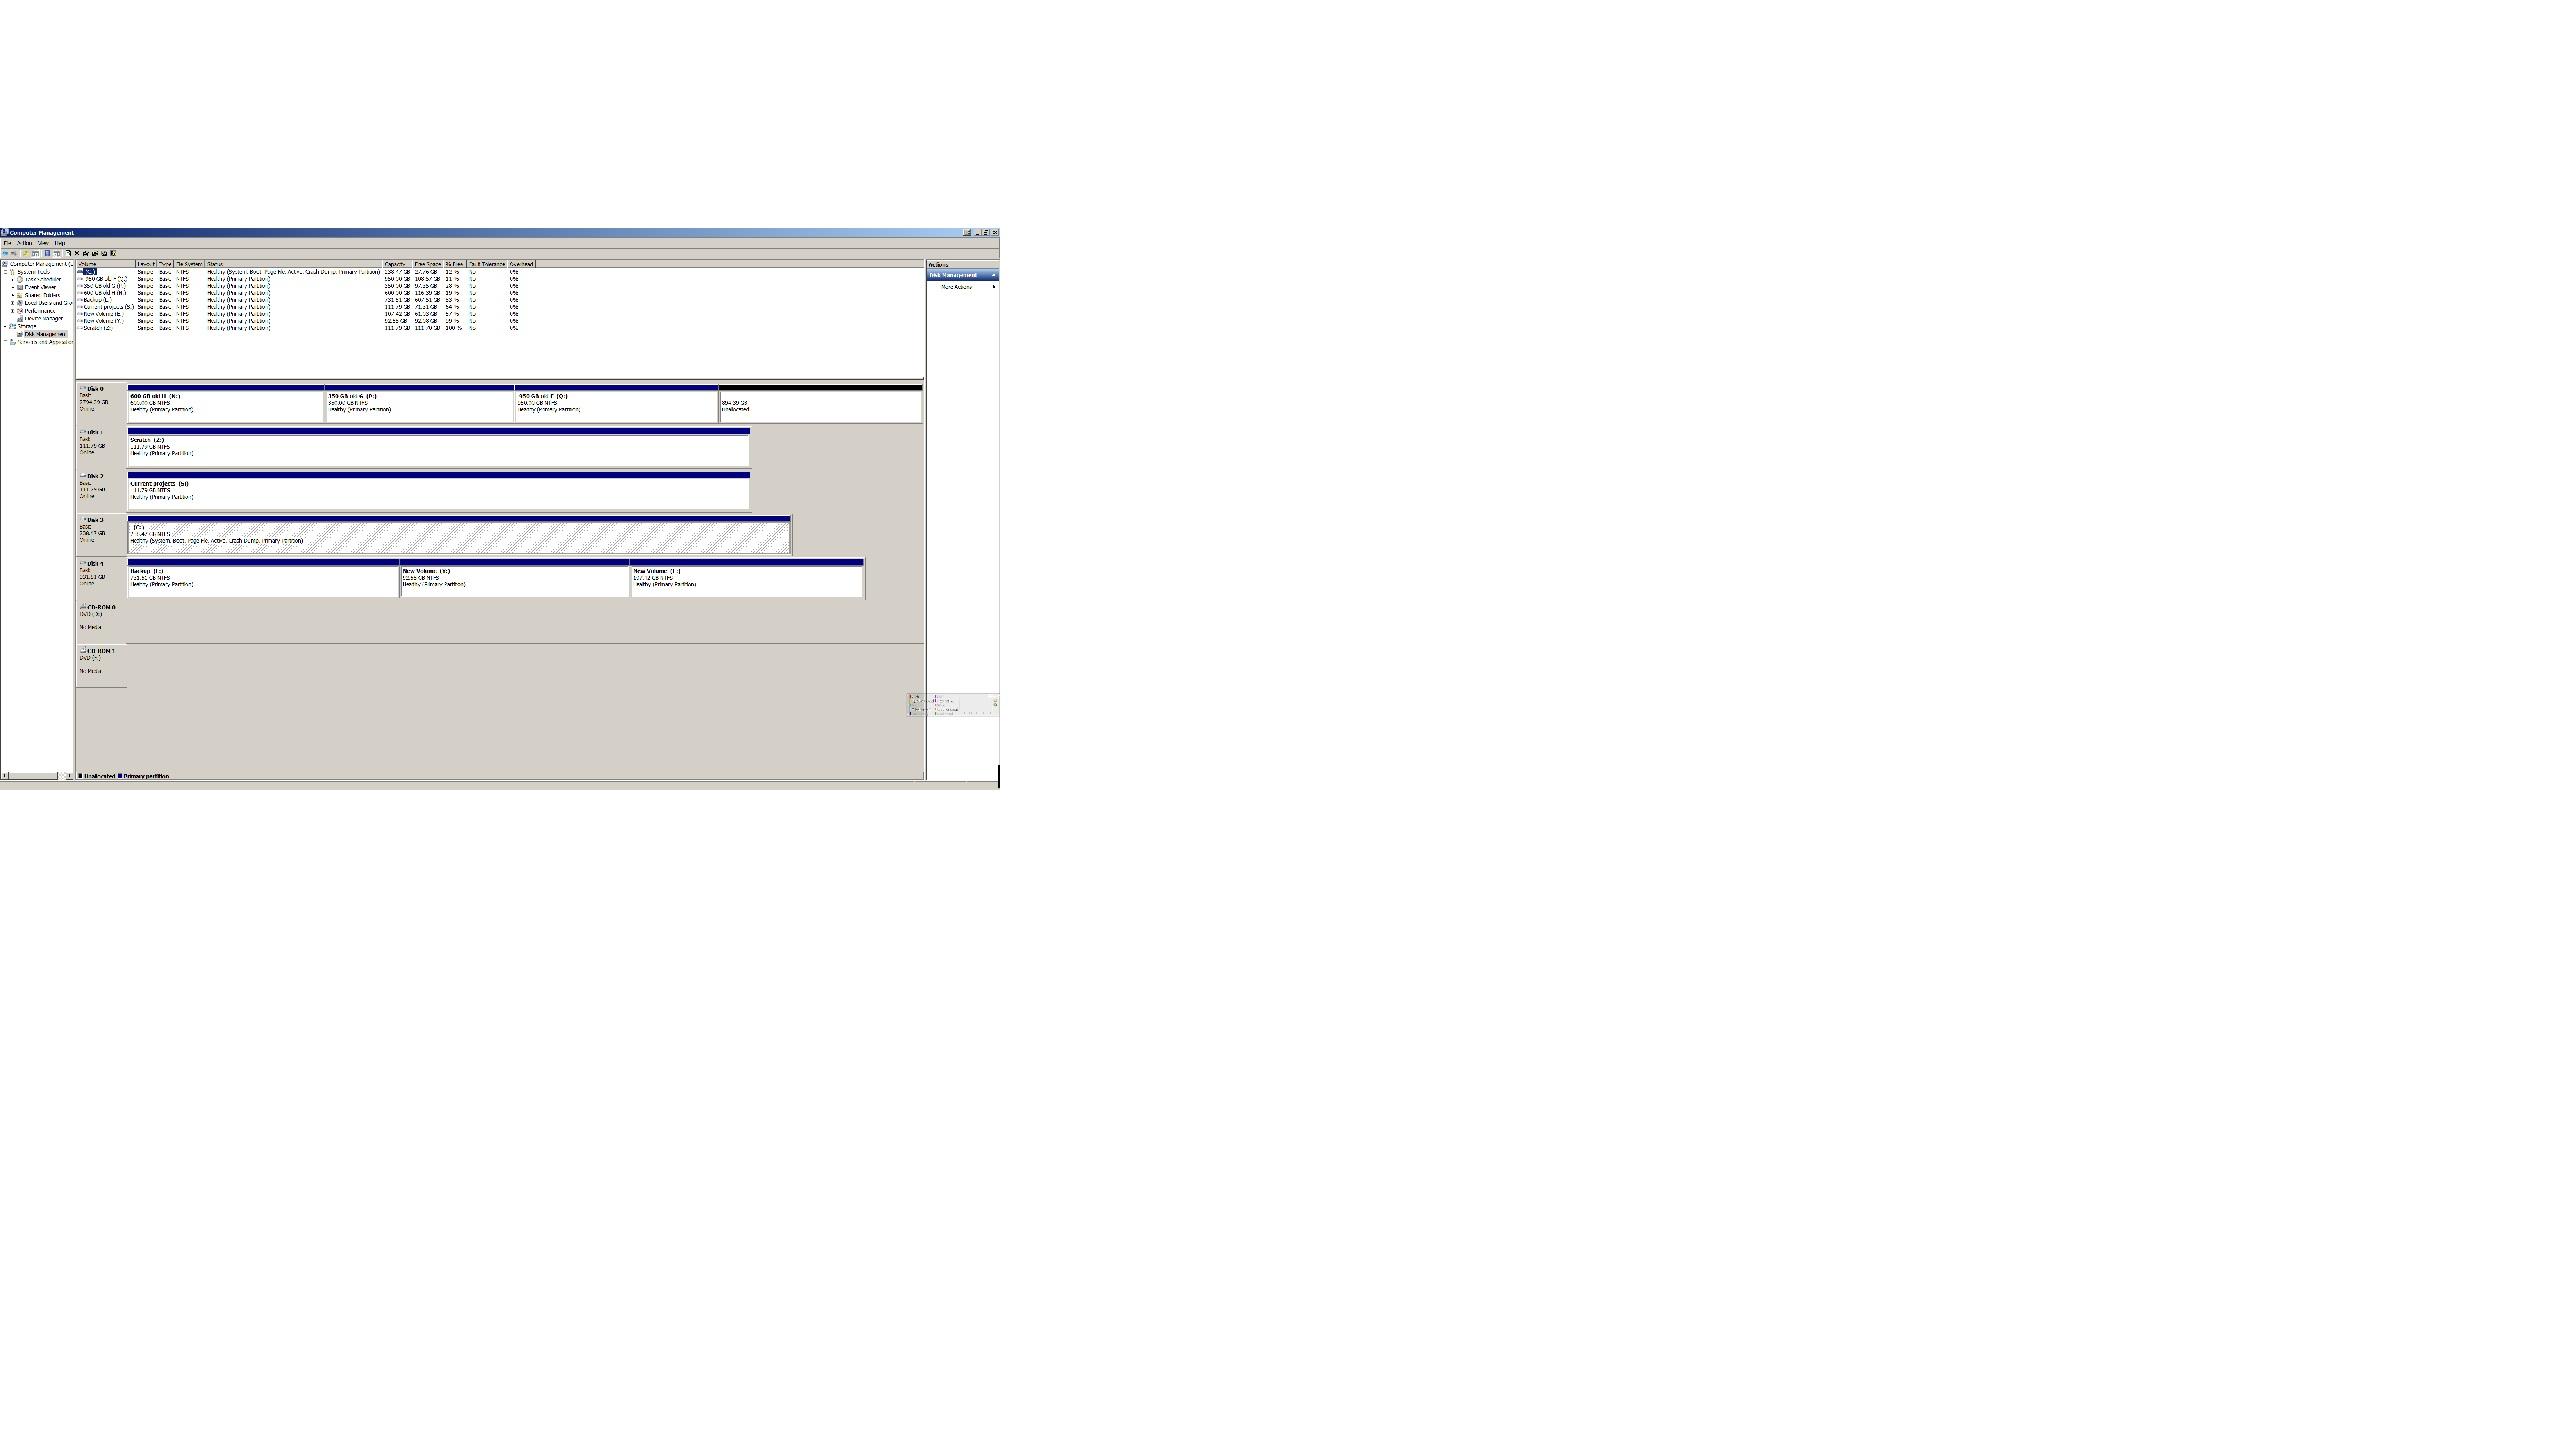 Screen_shot_05-23-17.jpg